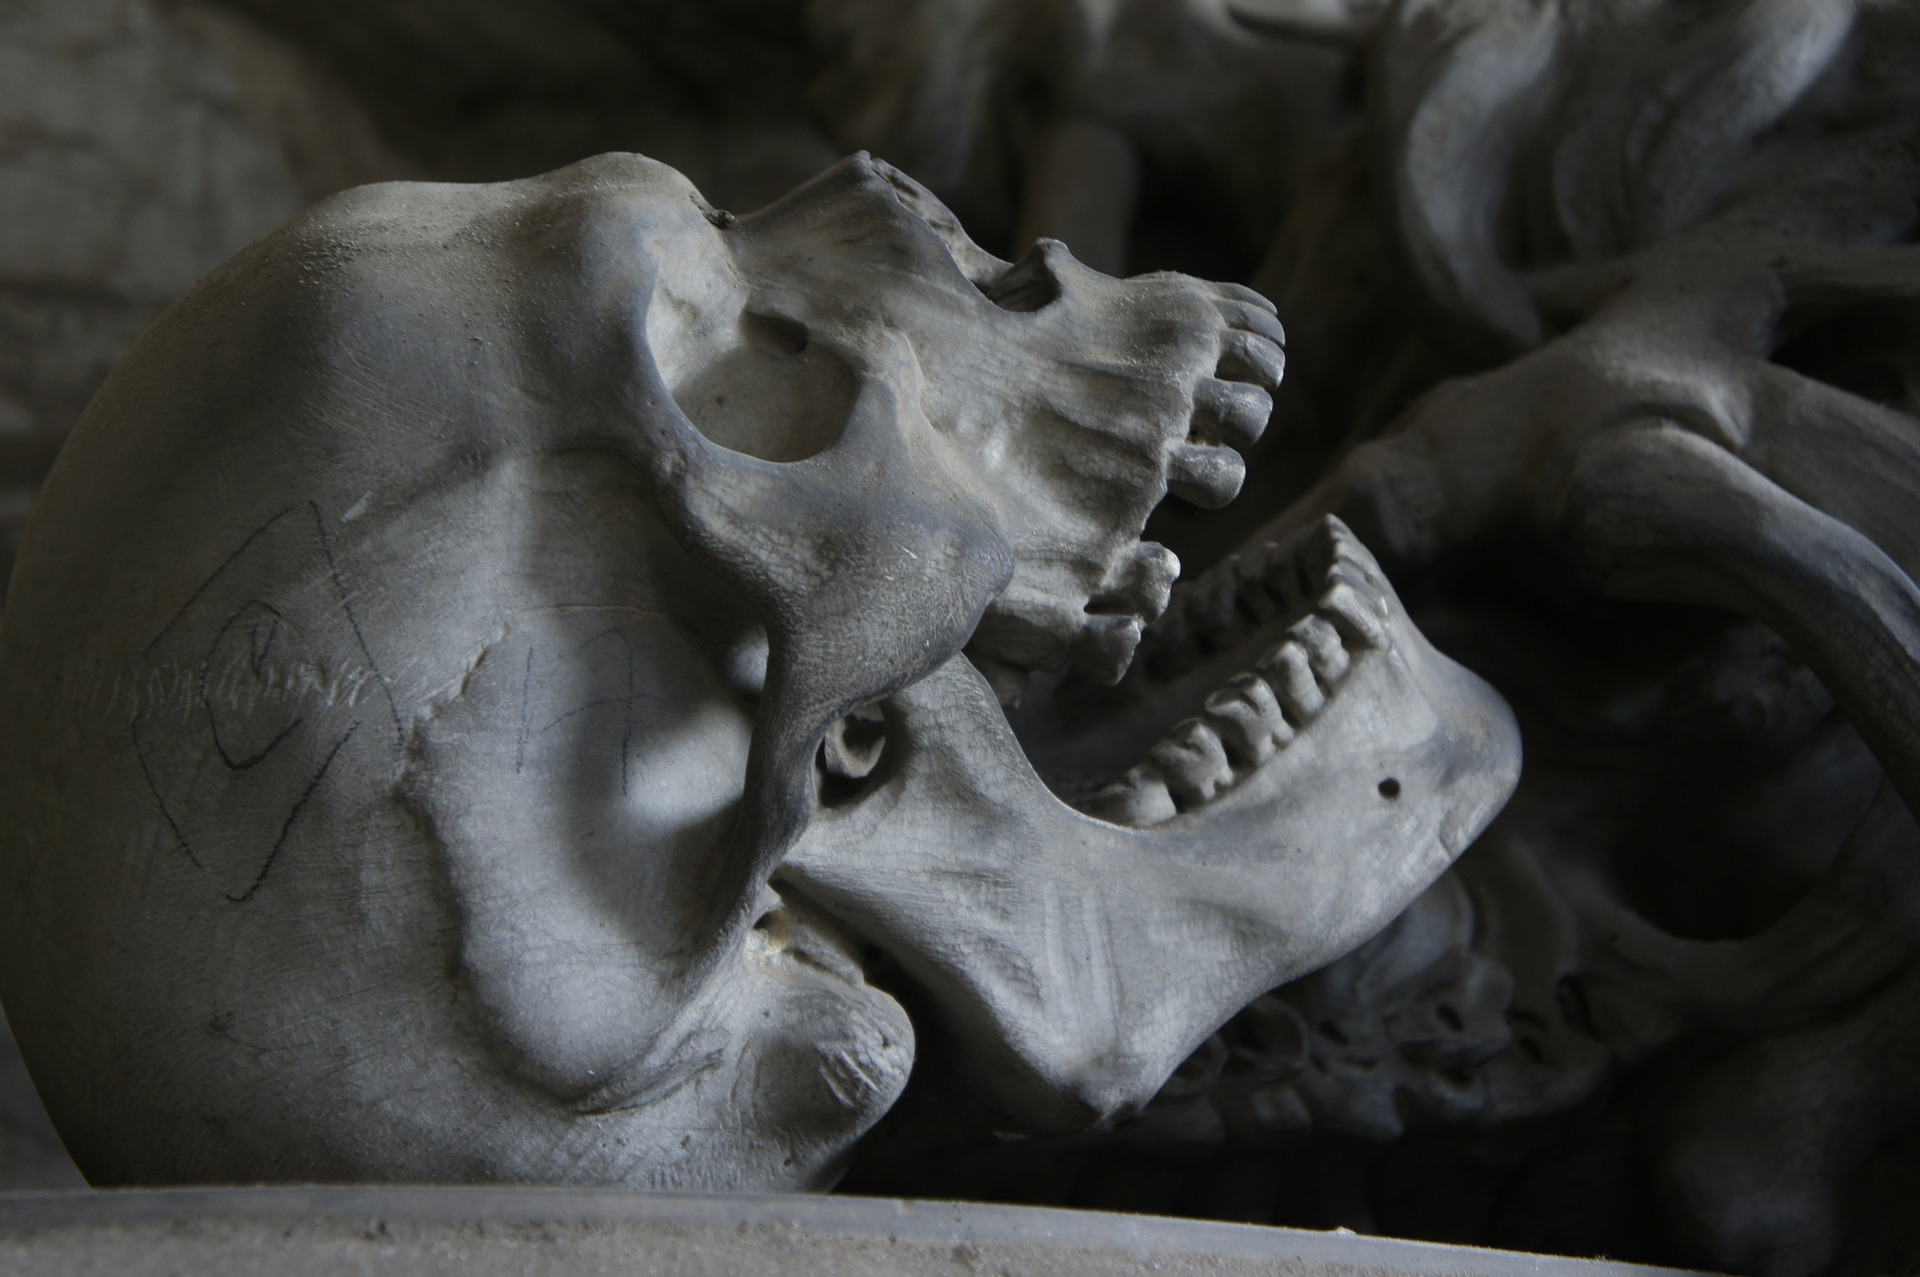 생명의 기억을 전하는 뼈, 100만 년을 살아남다. -...